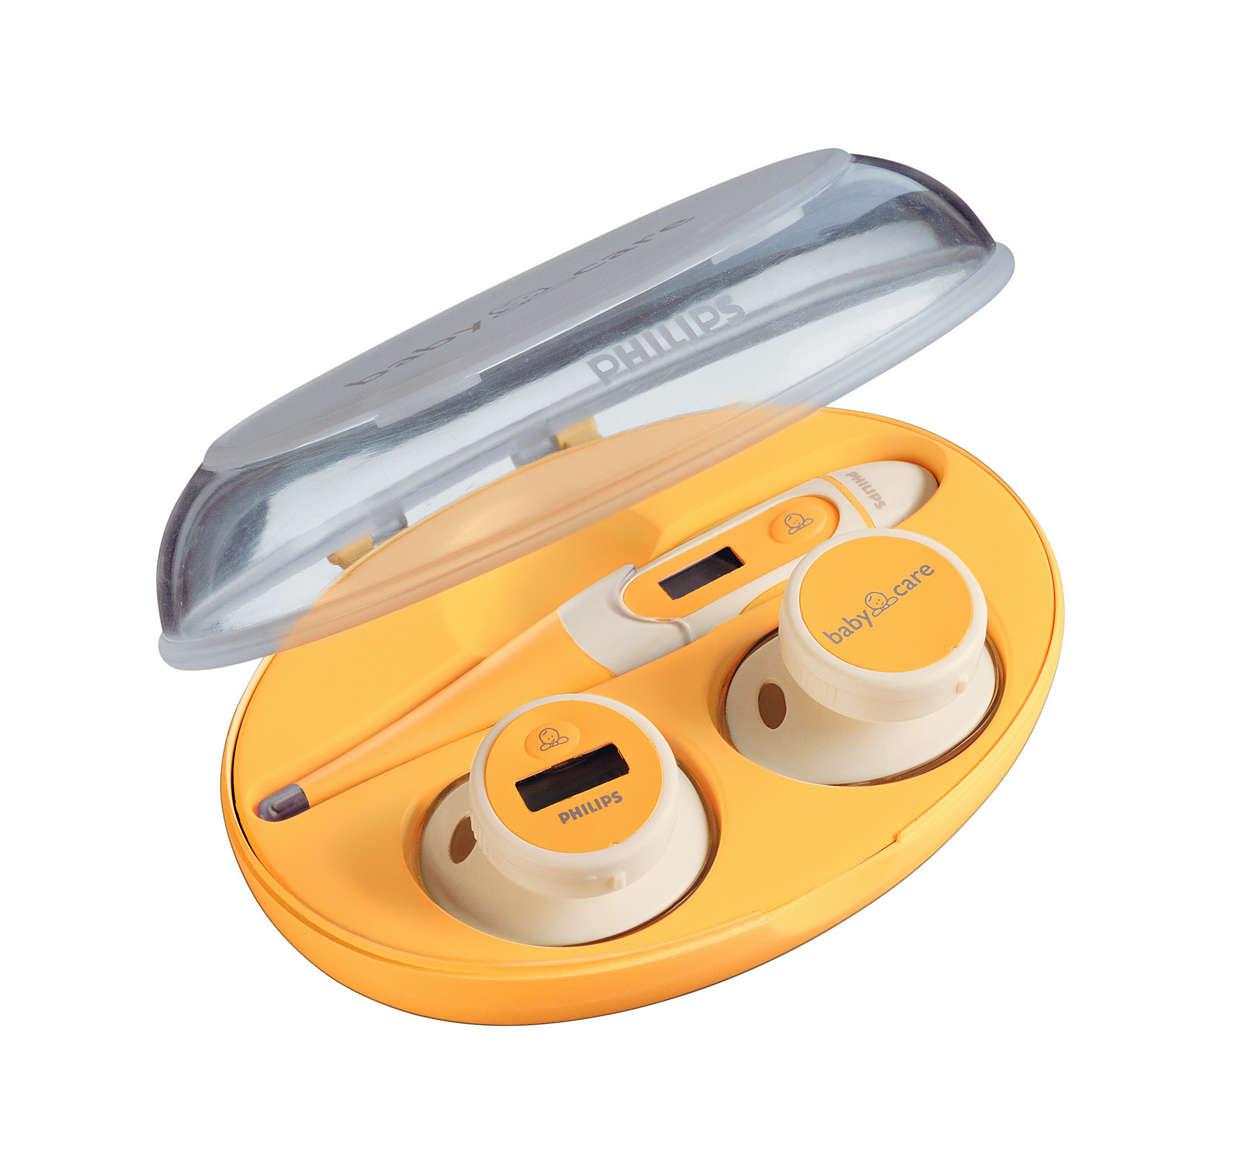 Măsurarea facilă şi sigură a temperaturii